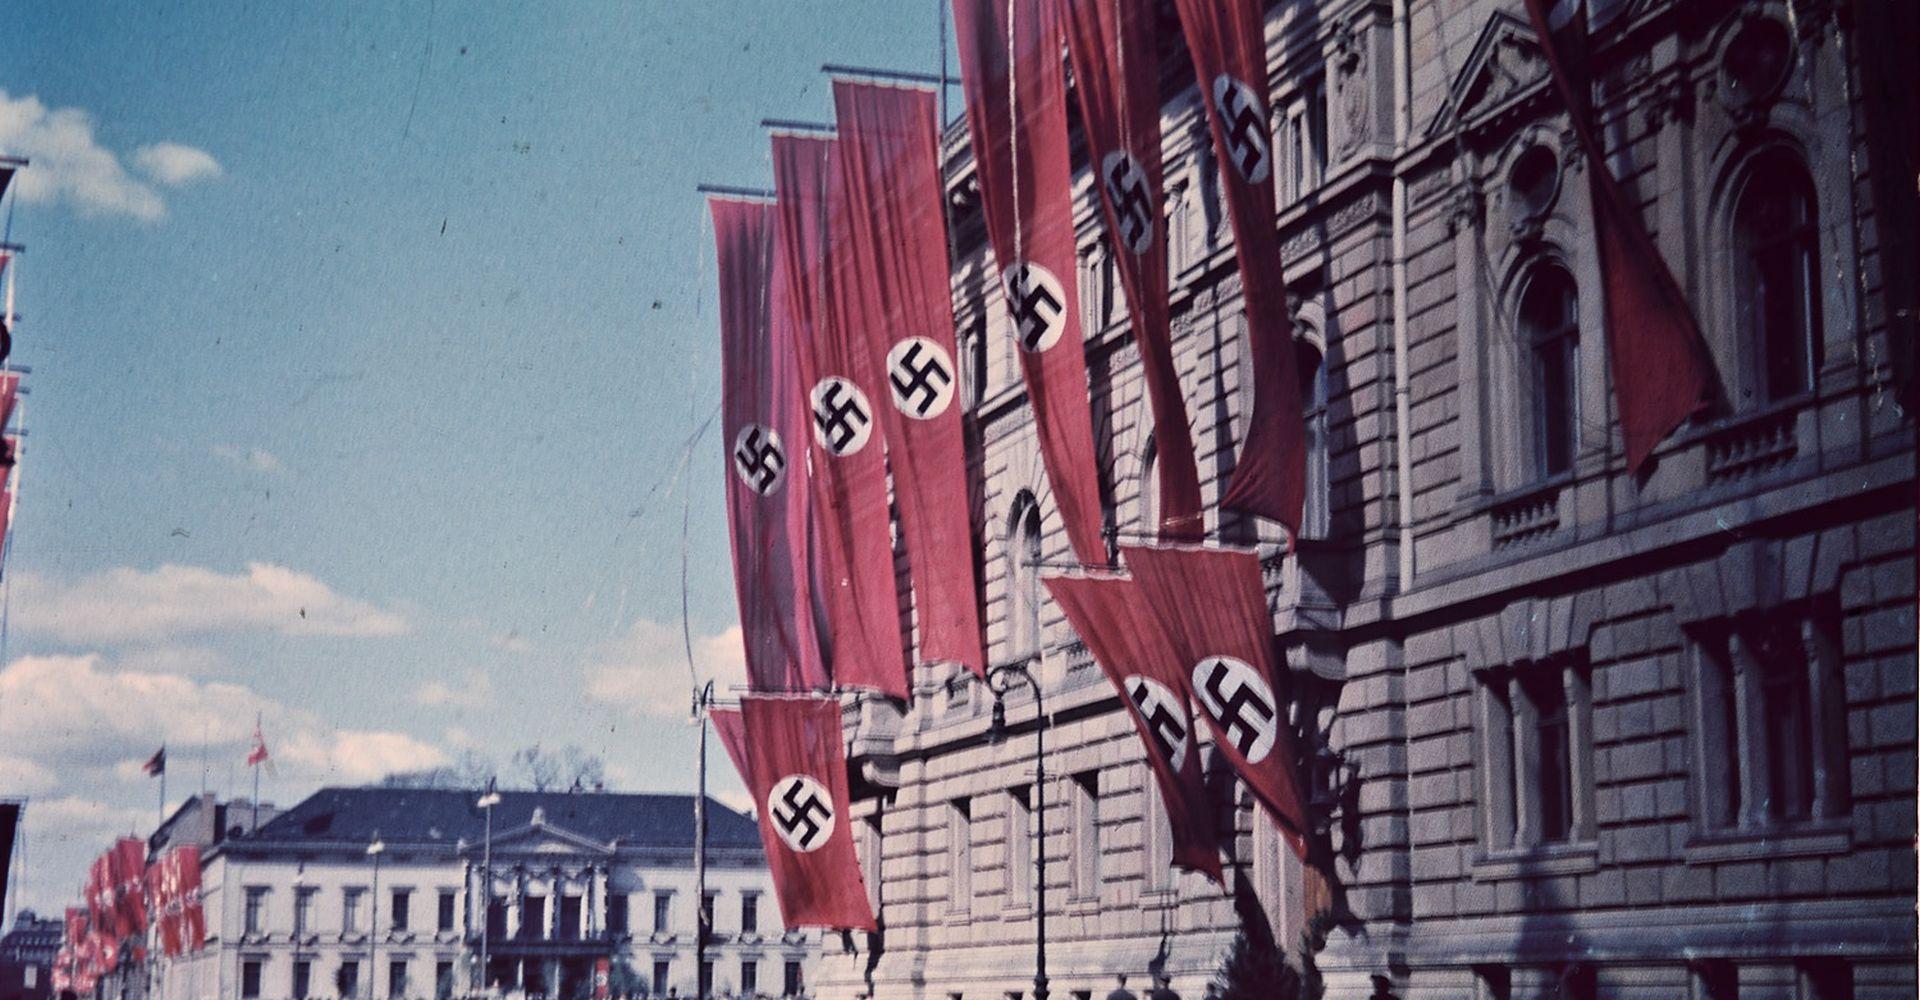 FELJTON Kako je Hitler natjerao Rommela na samoubojstvo